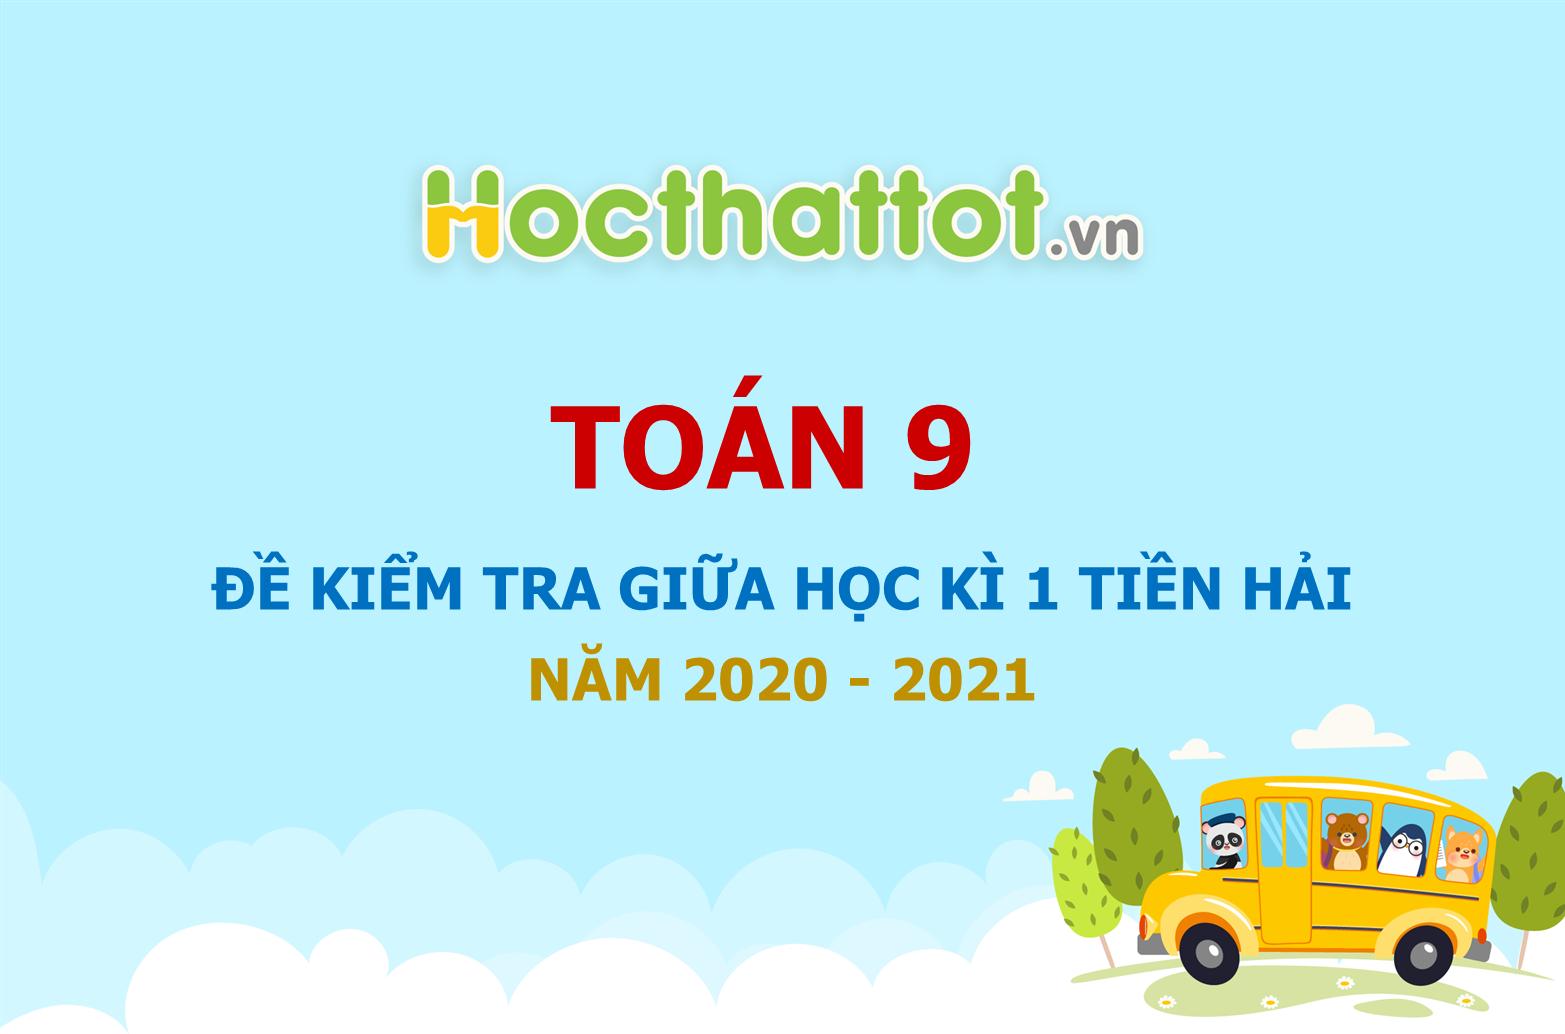 de-kiem-tra-giua-hoc-ki-1-lop-9-phong-gd&dt-tien-hai-nam-2020-2021